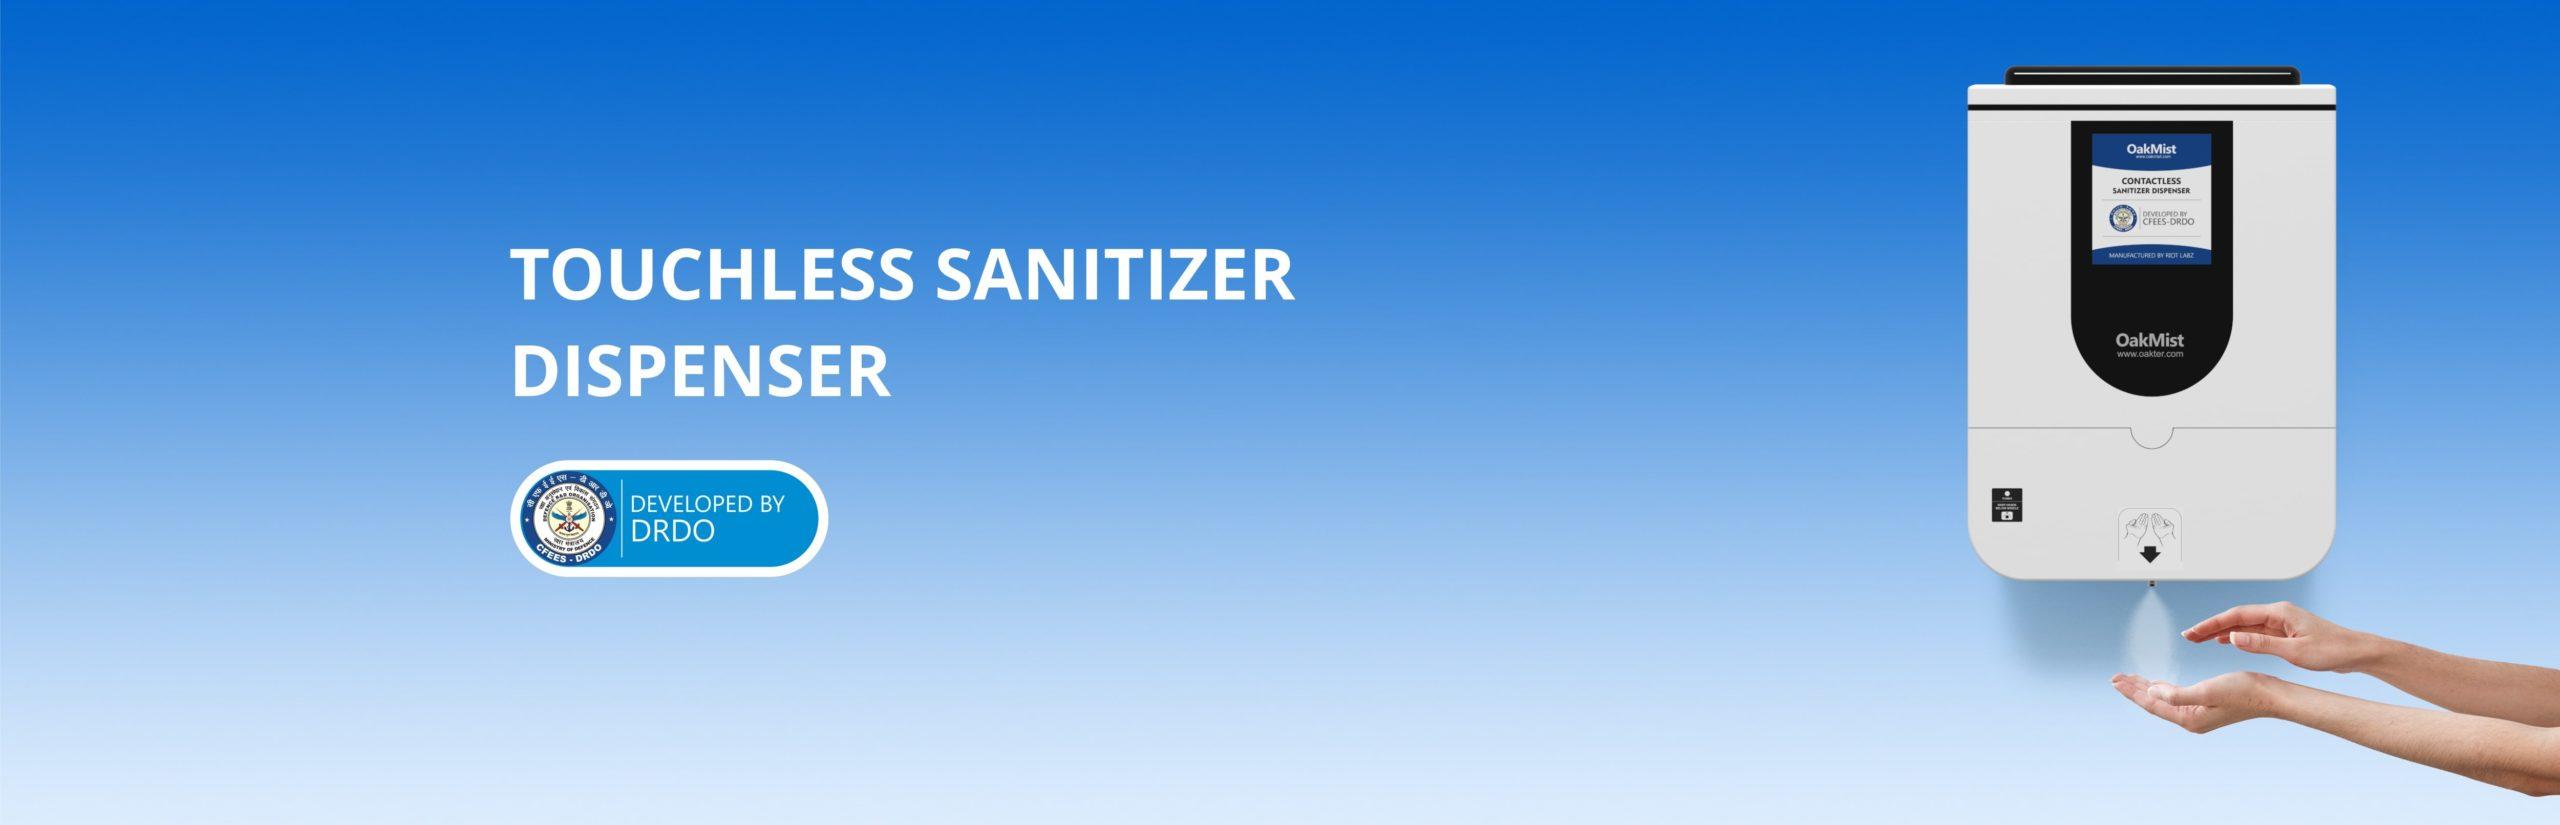 OakMist: Touchless Sanitizer Dispenser (10 lts) by Oakter